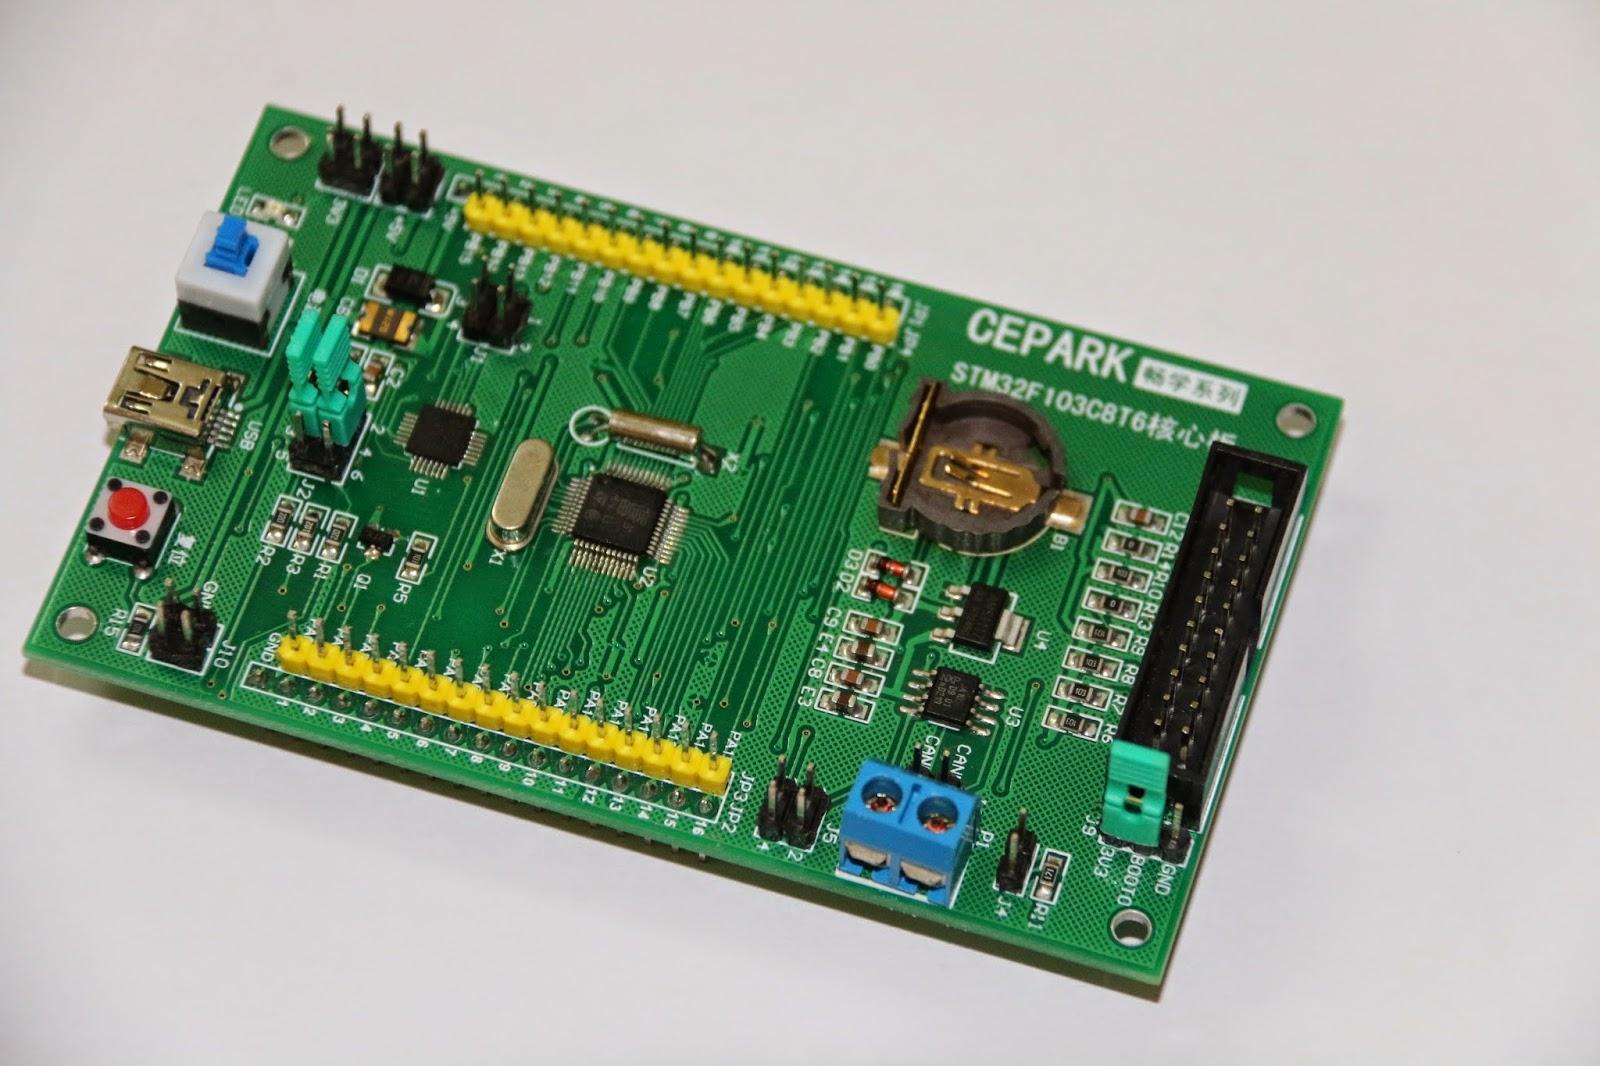 CEPARK STM32